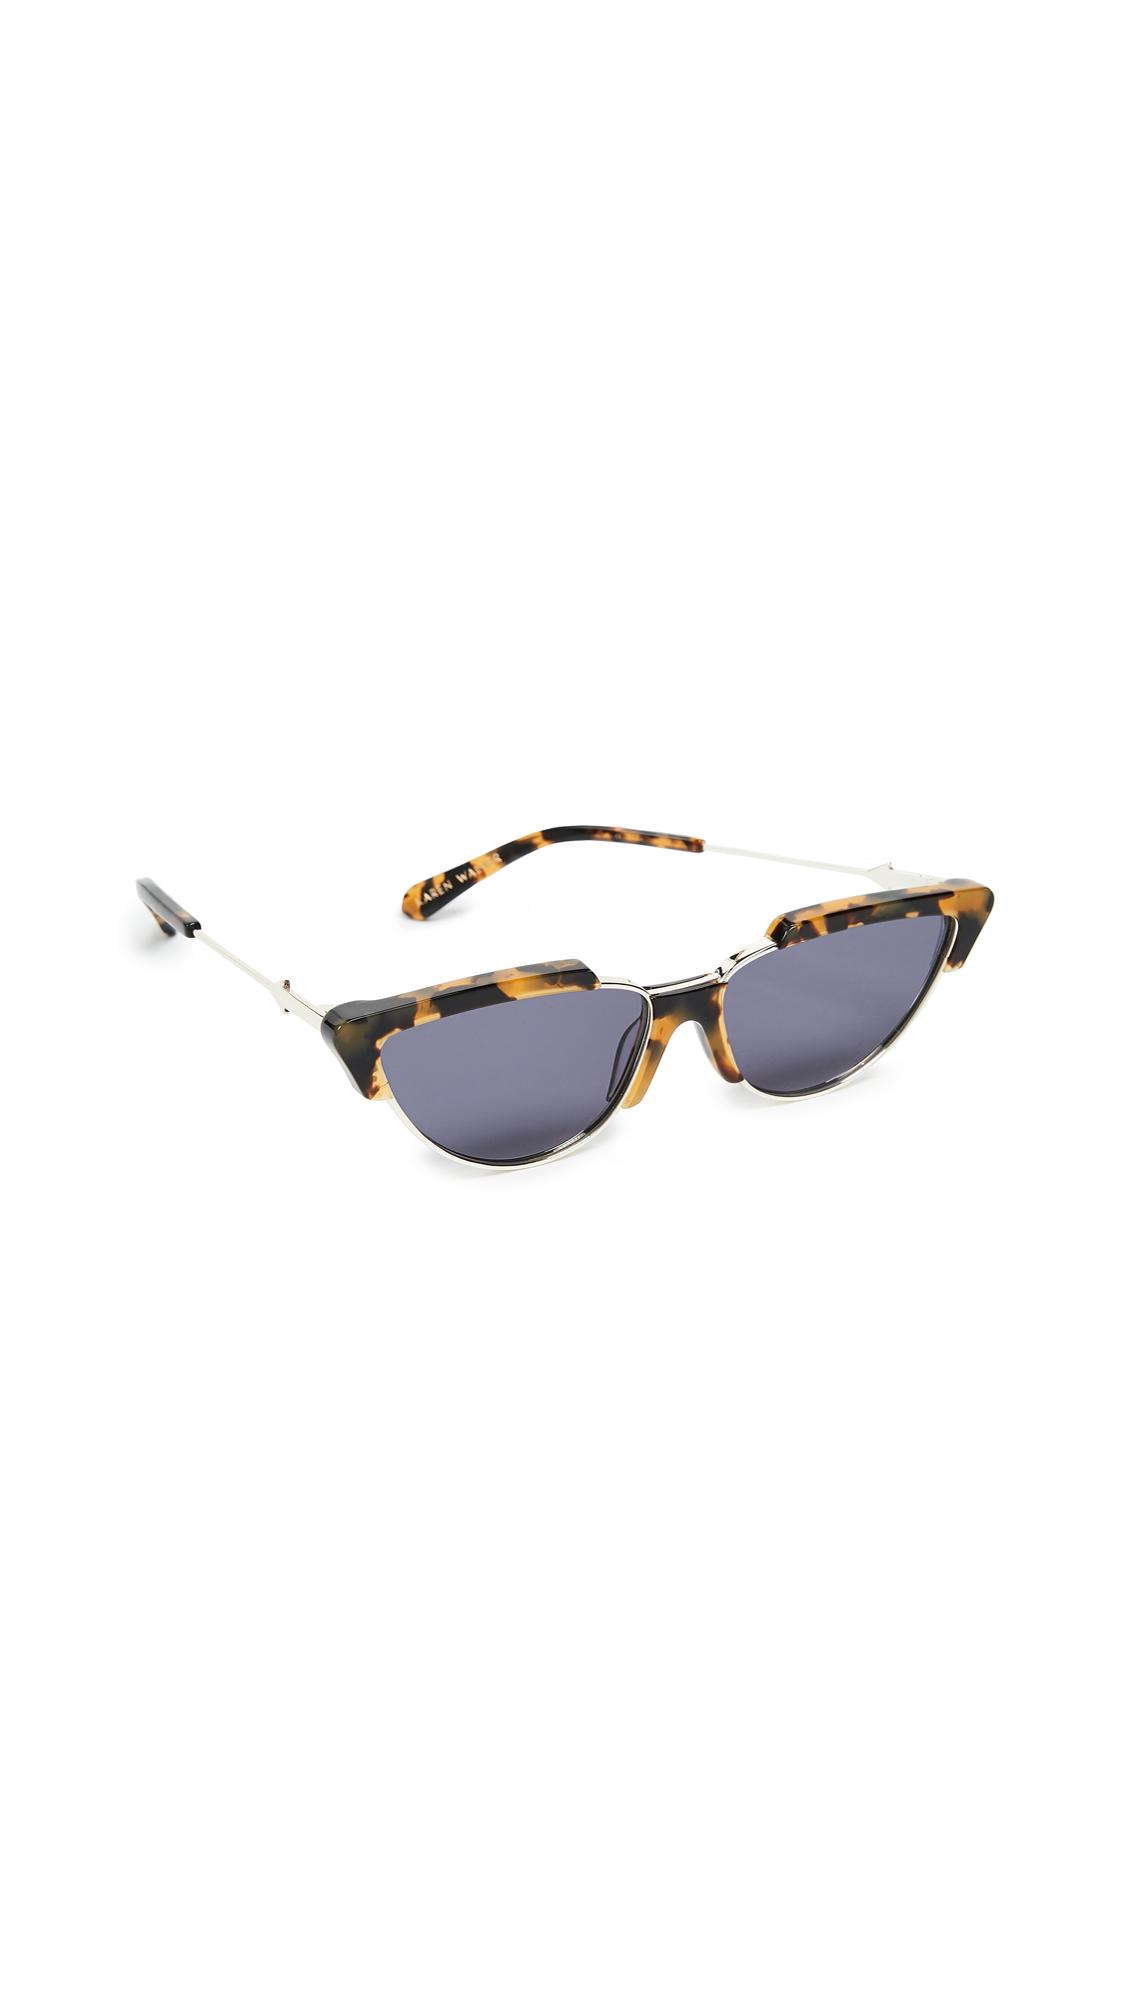 Karen Walker Tropics Sunglasses